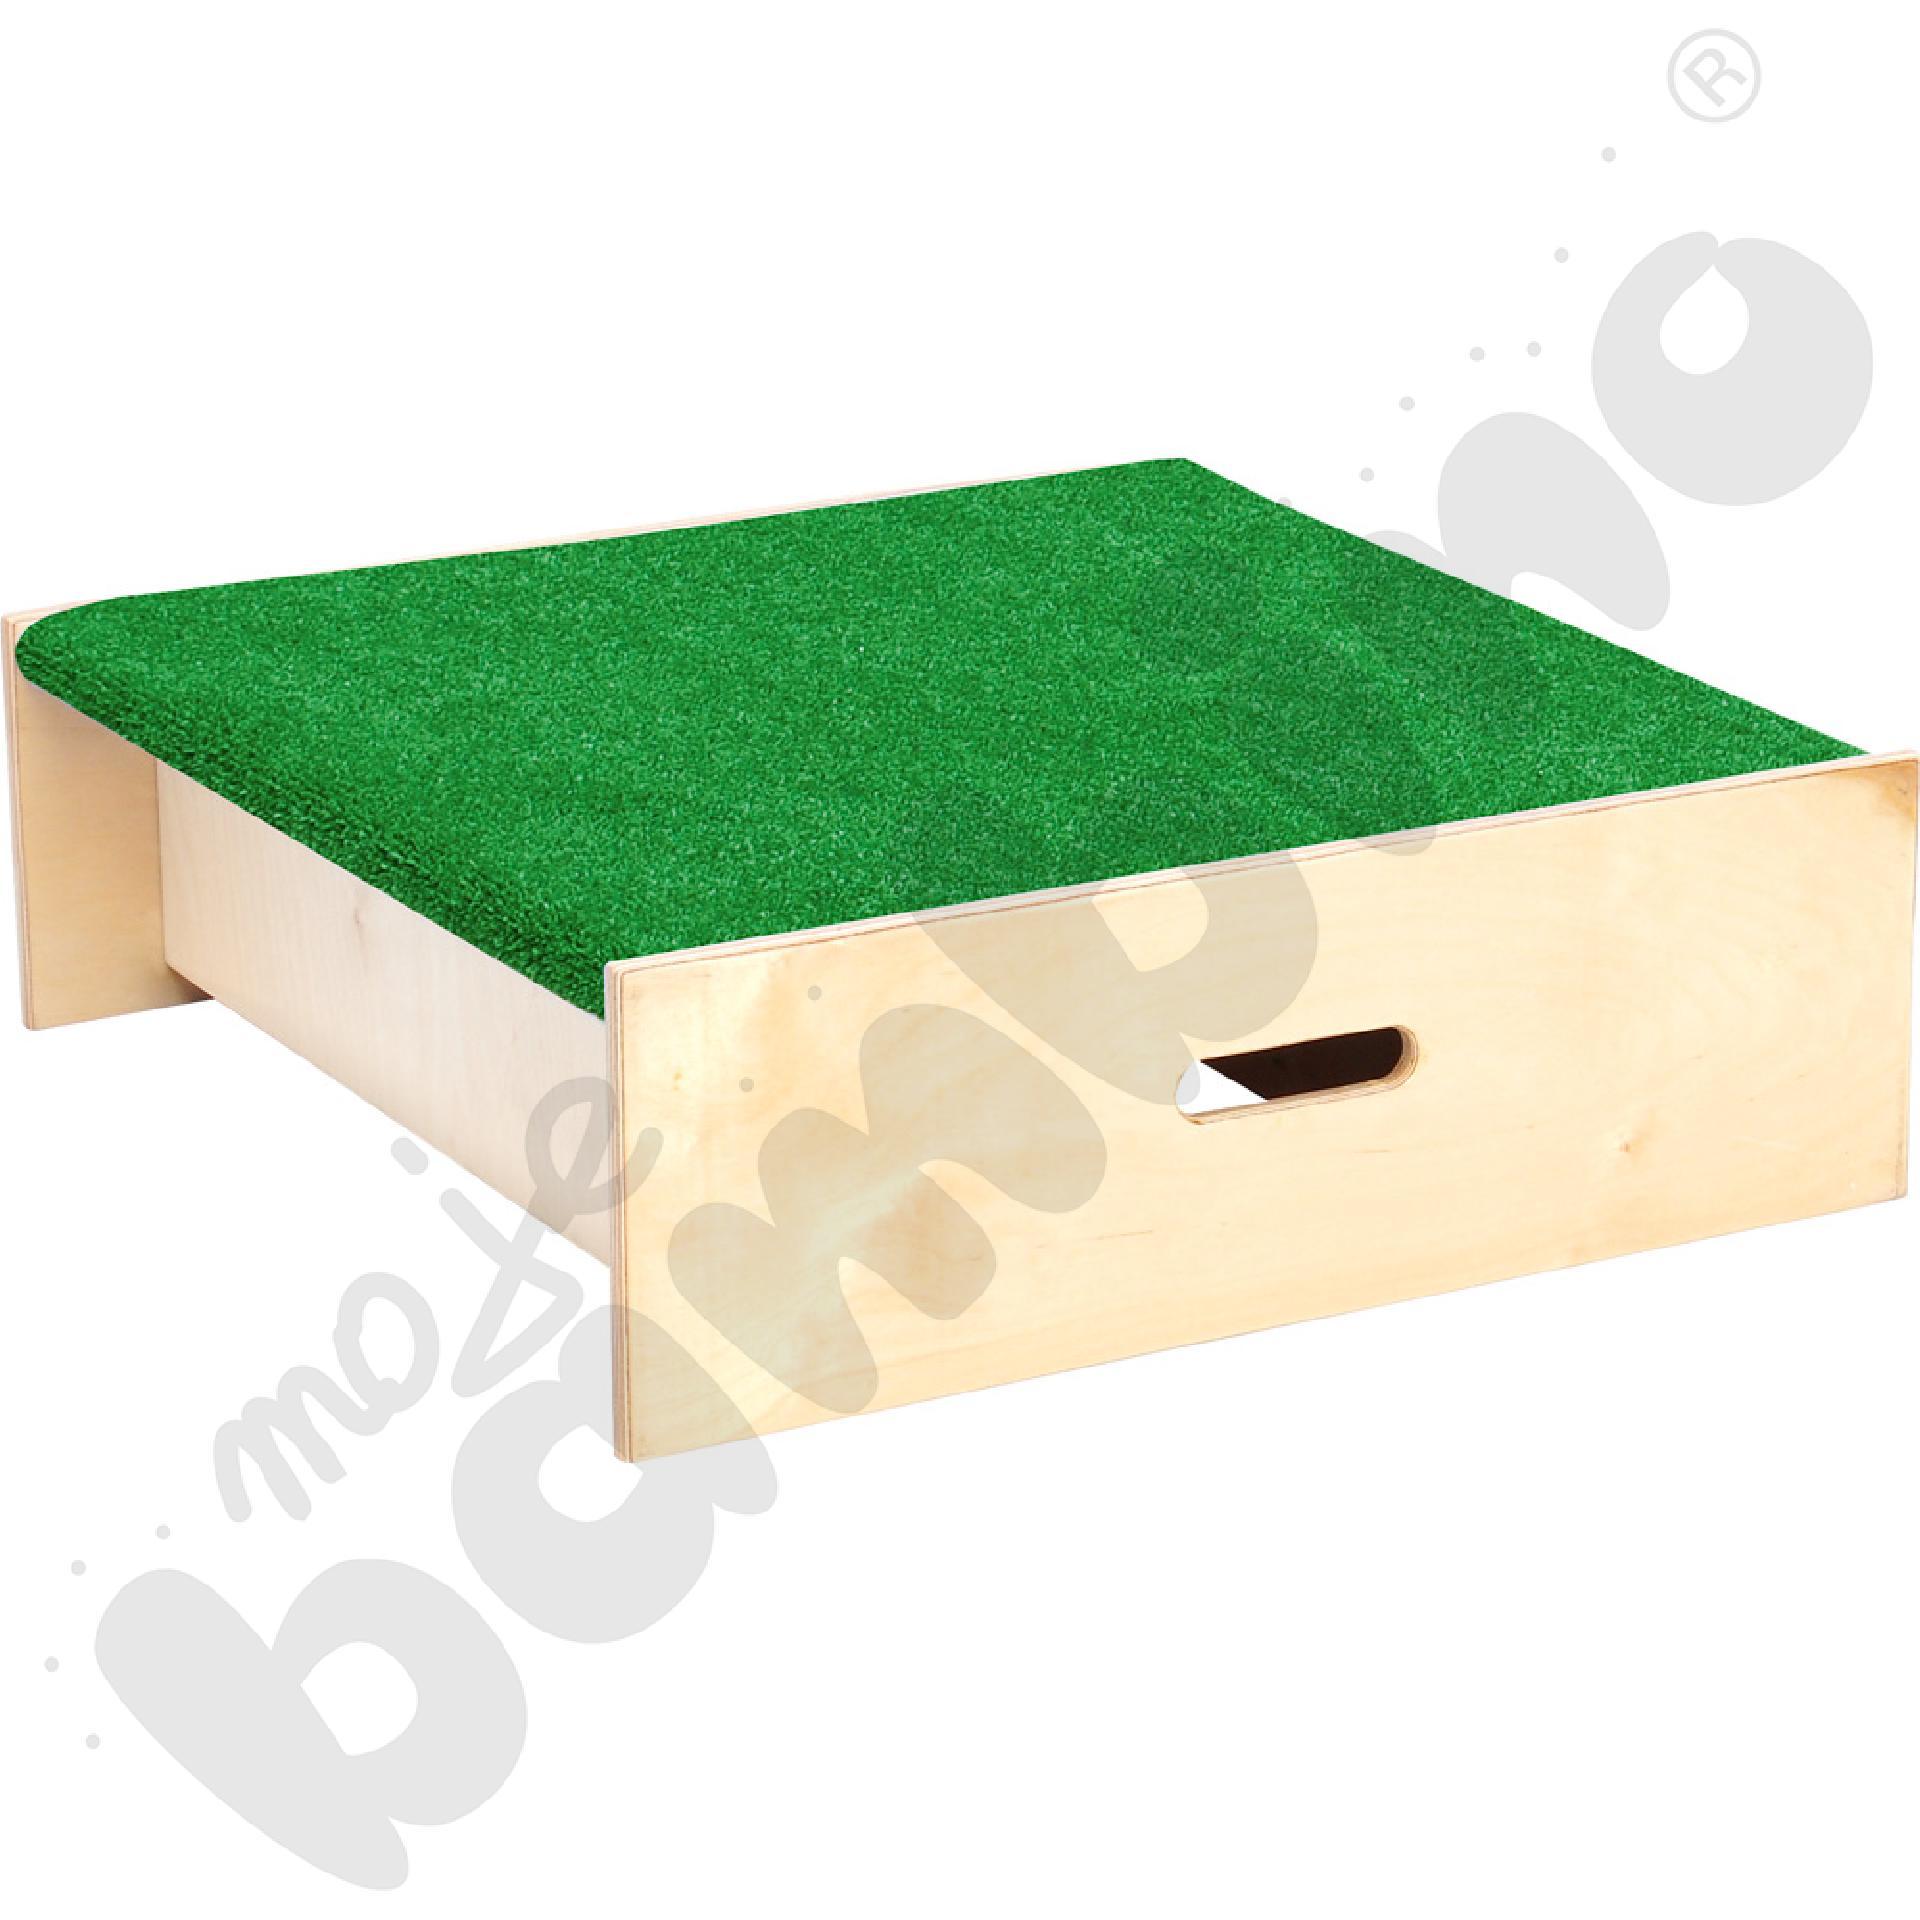 Podest kwadrat z trawką wys. 20 cm